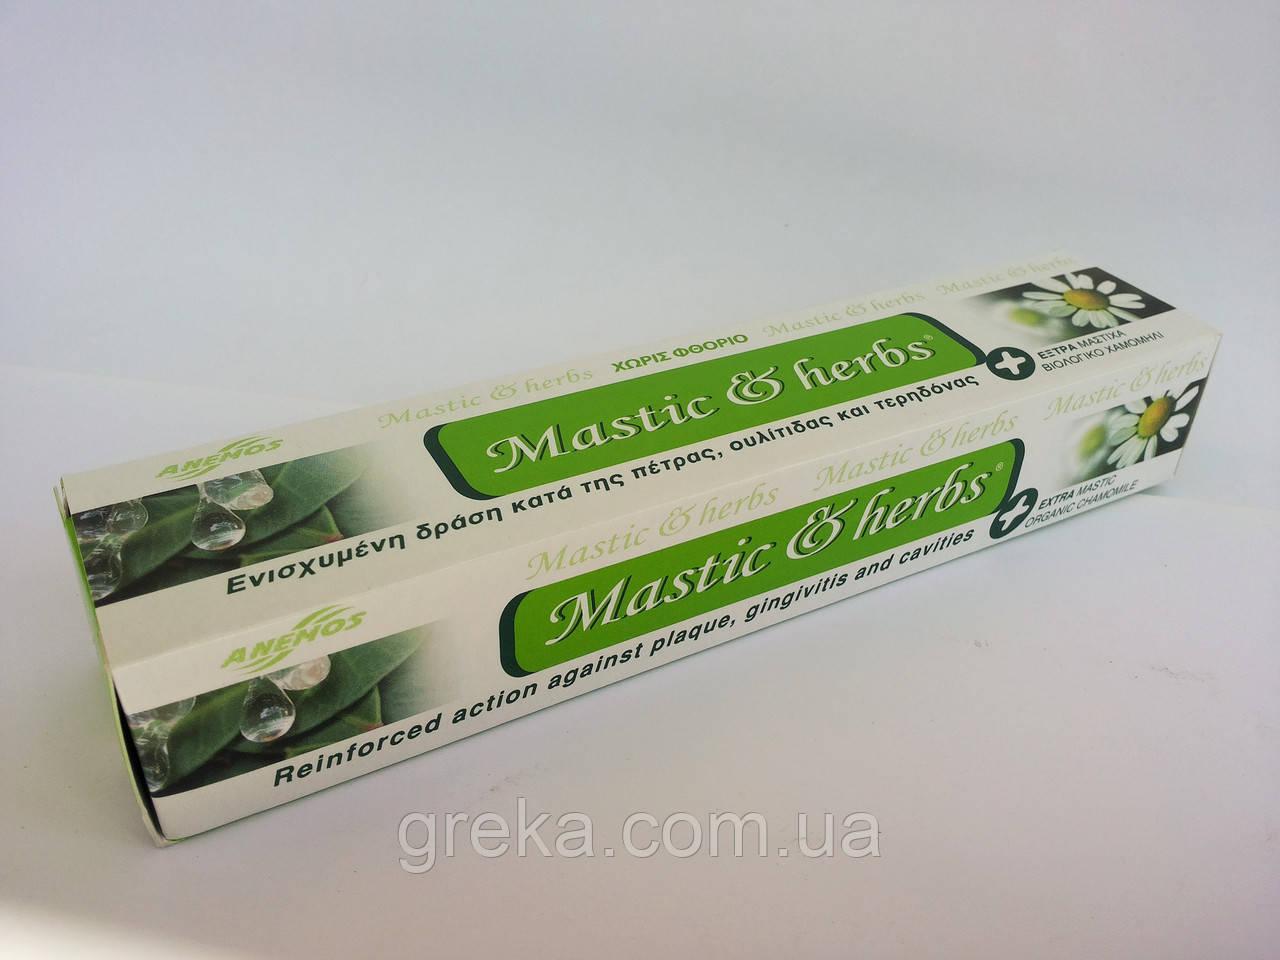 Зубная паста органическая без фтора, фото 1